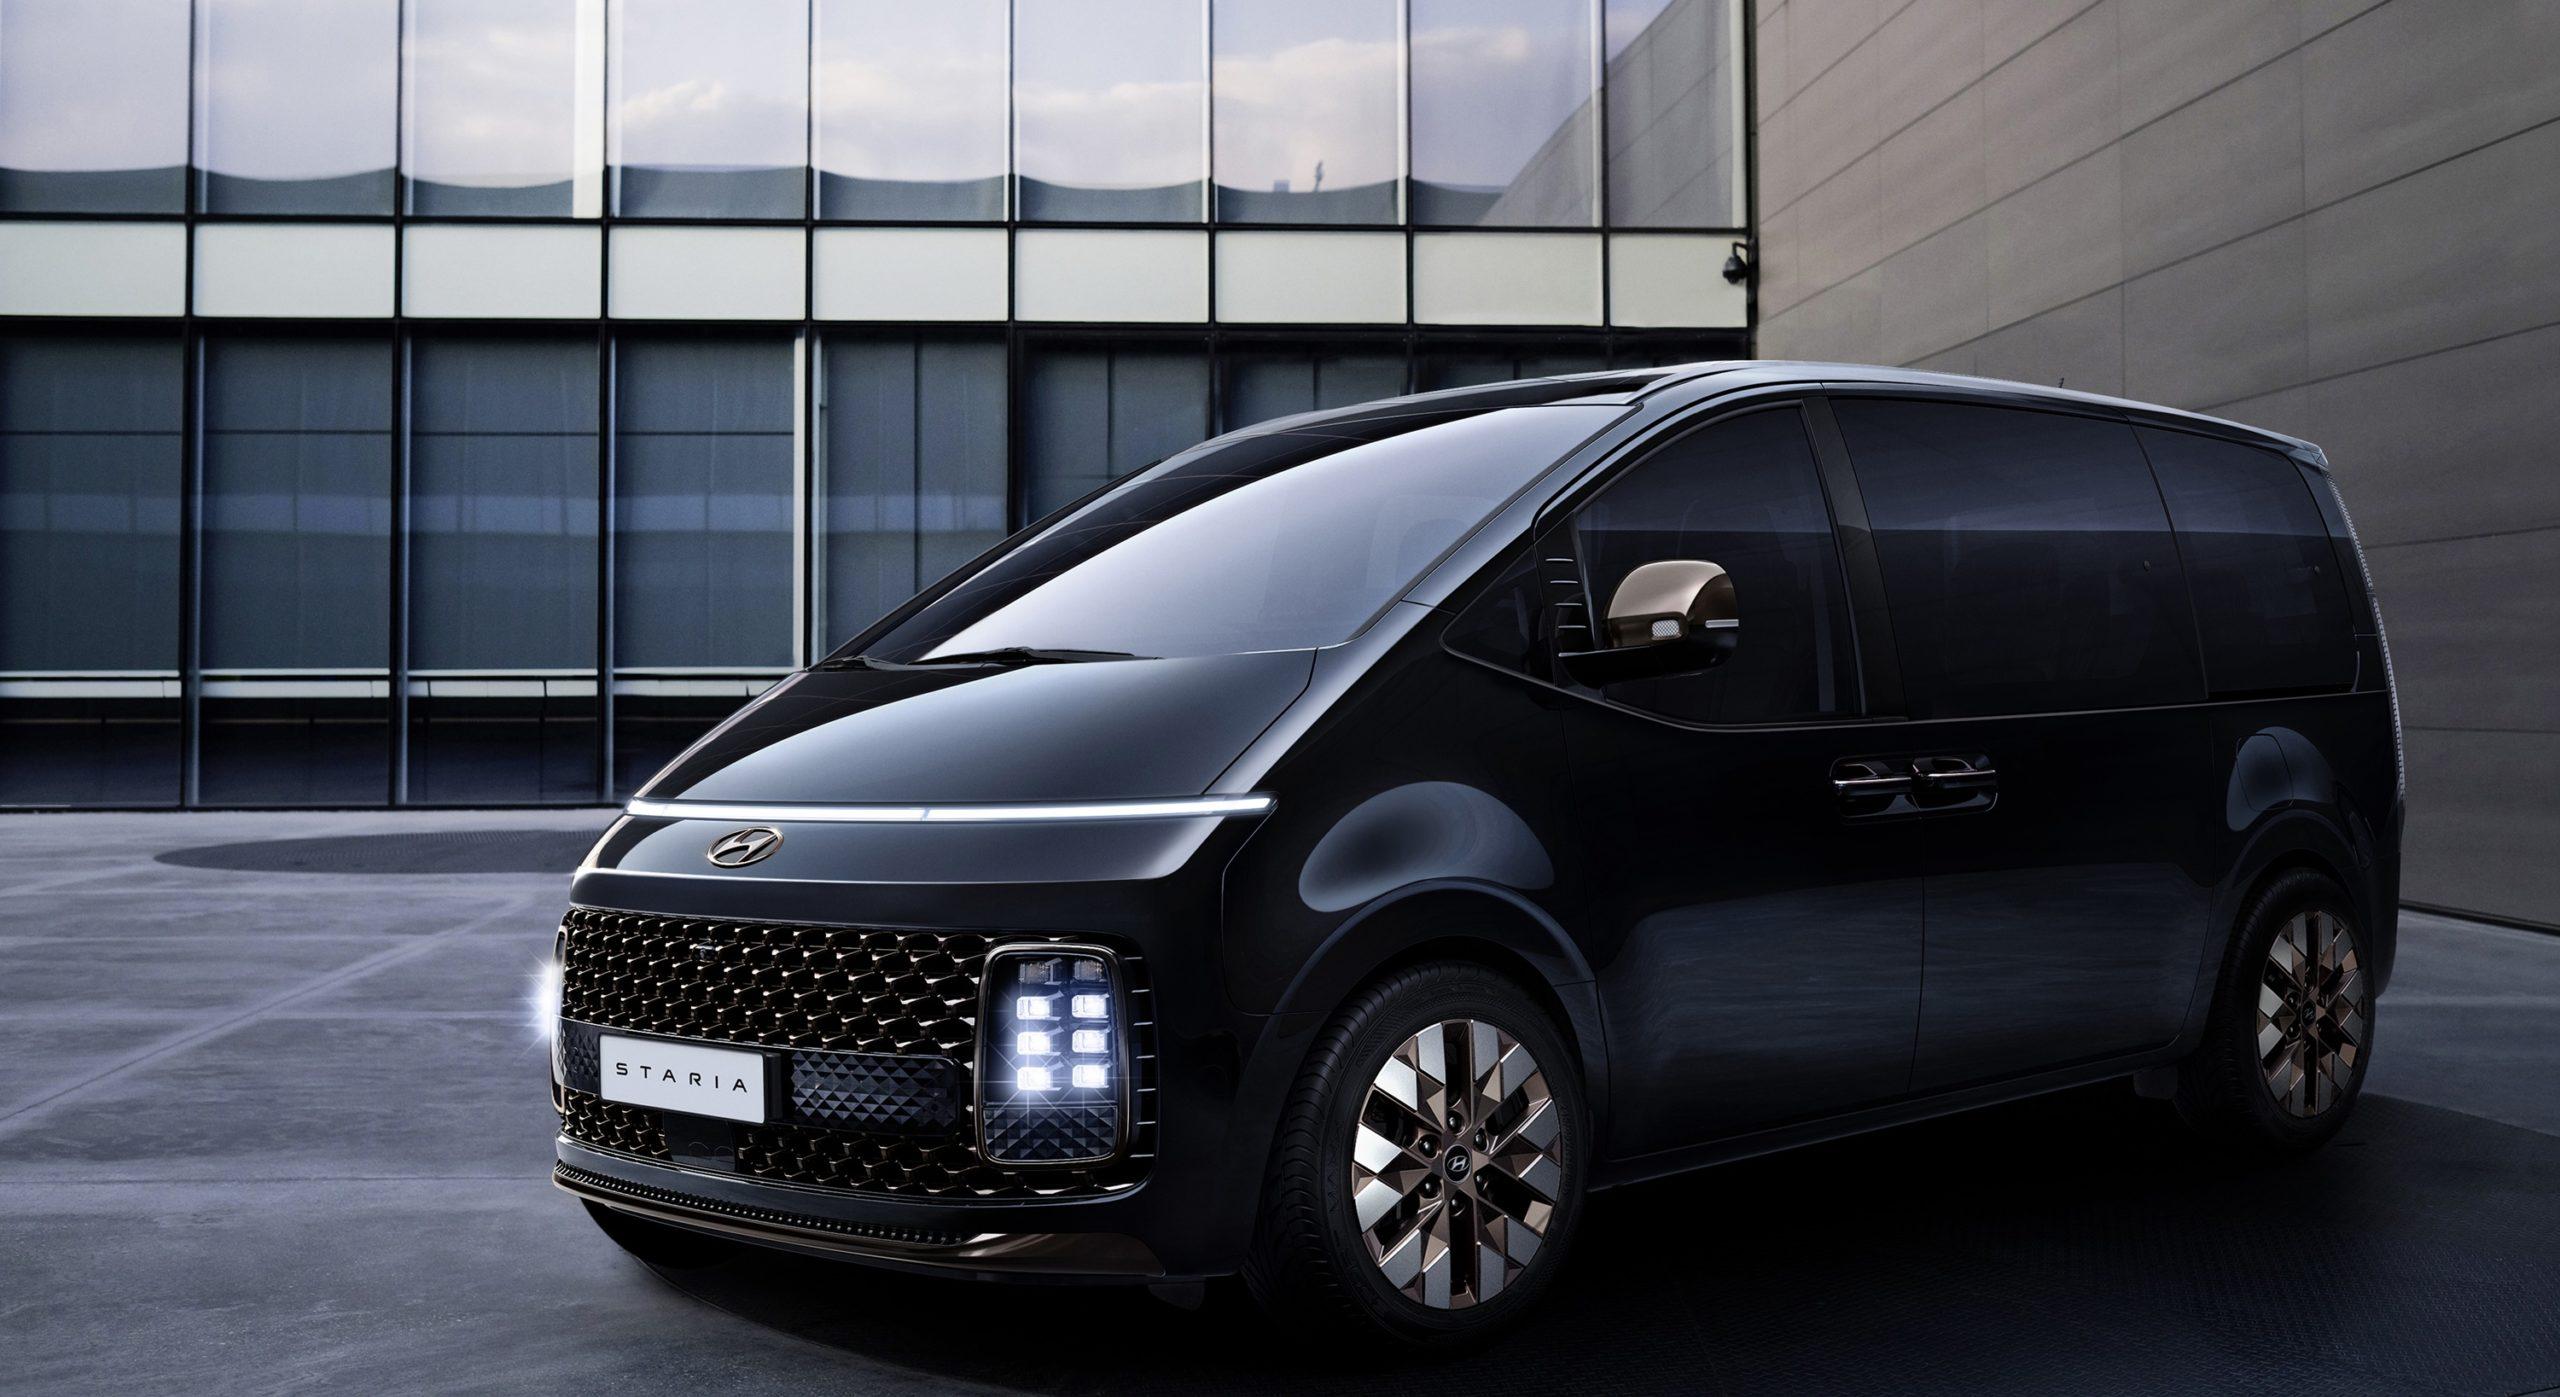 Новый минивэн Hyundai Staria получит 11-местный салон